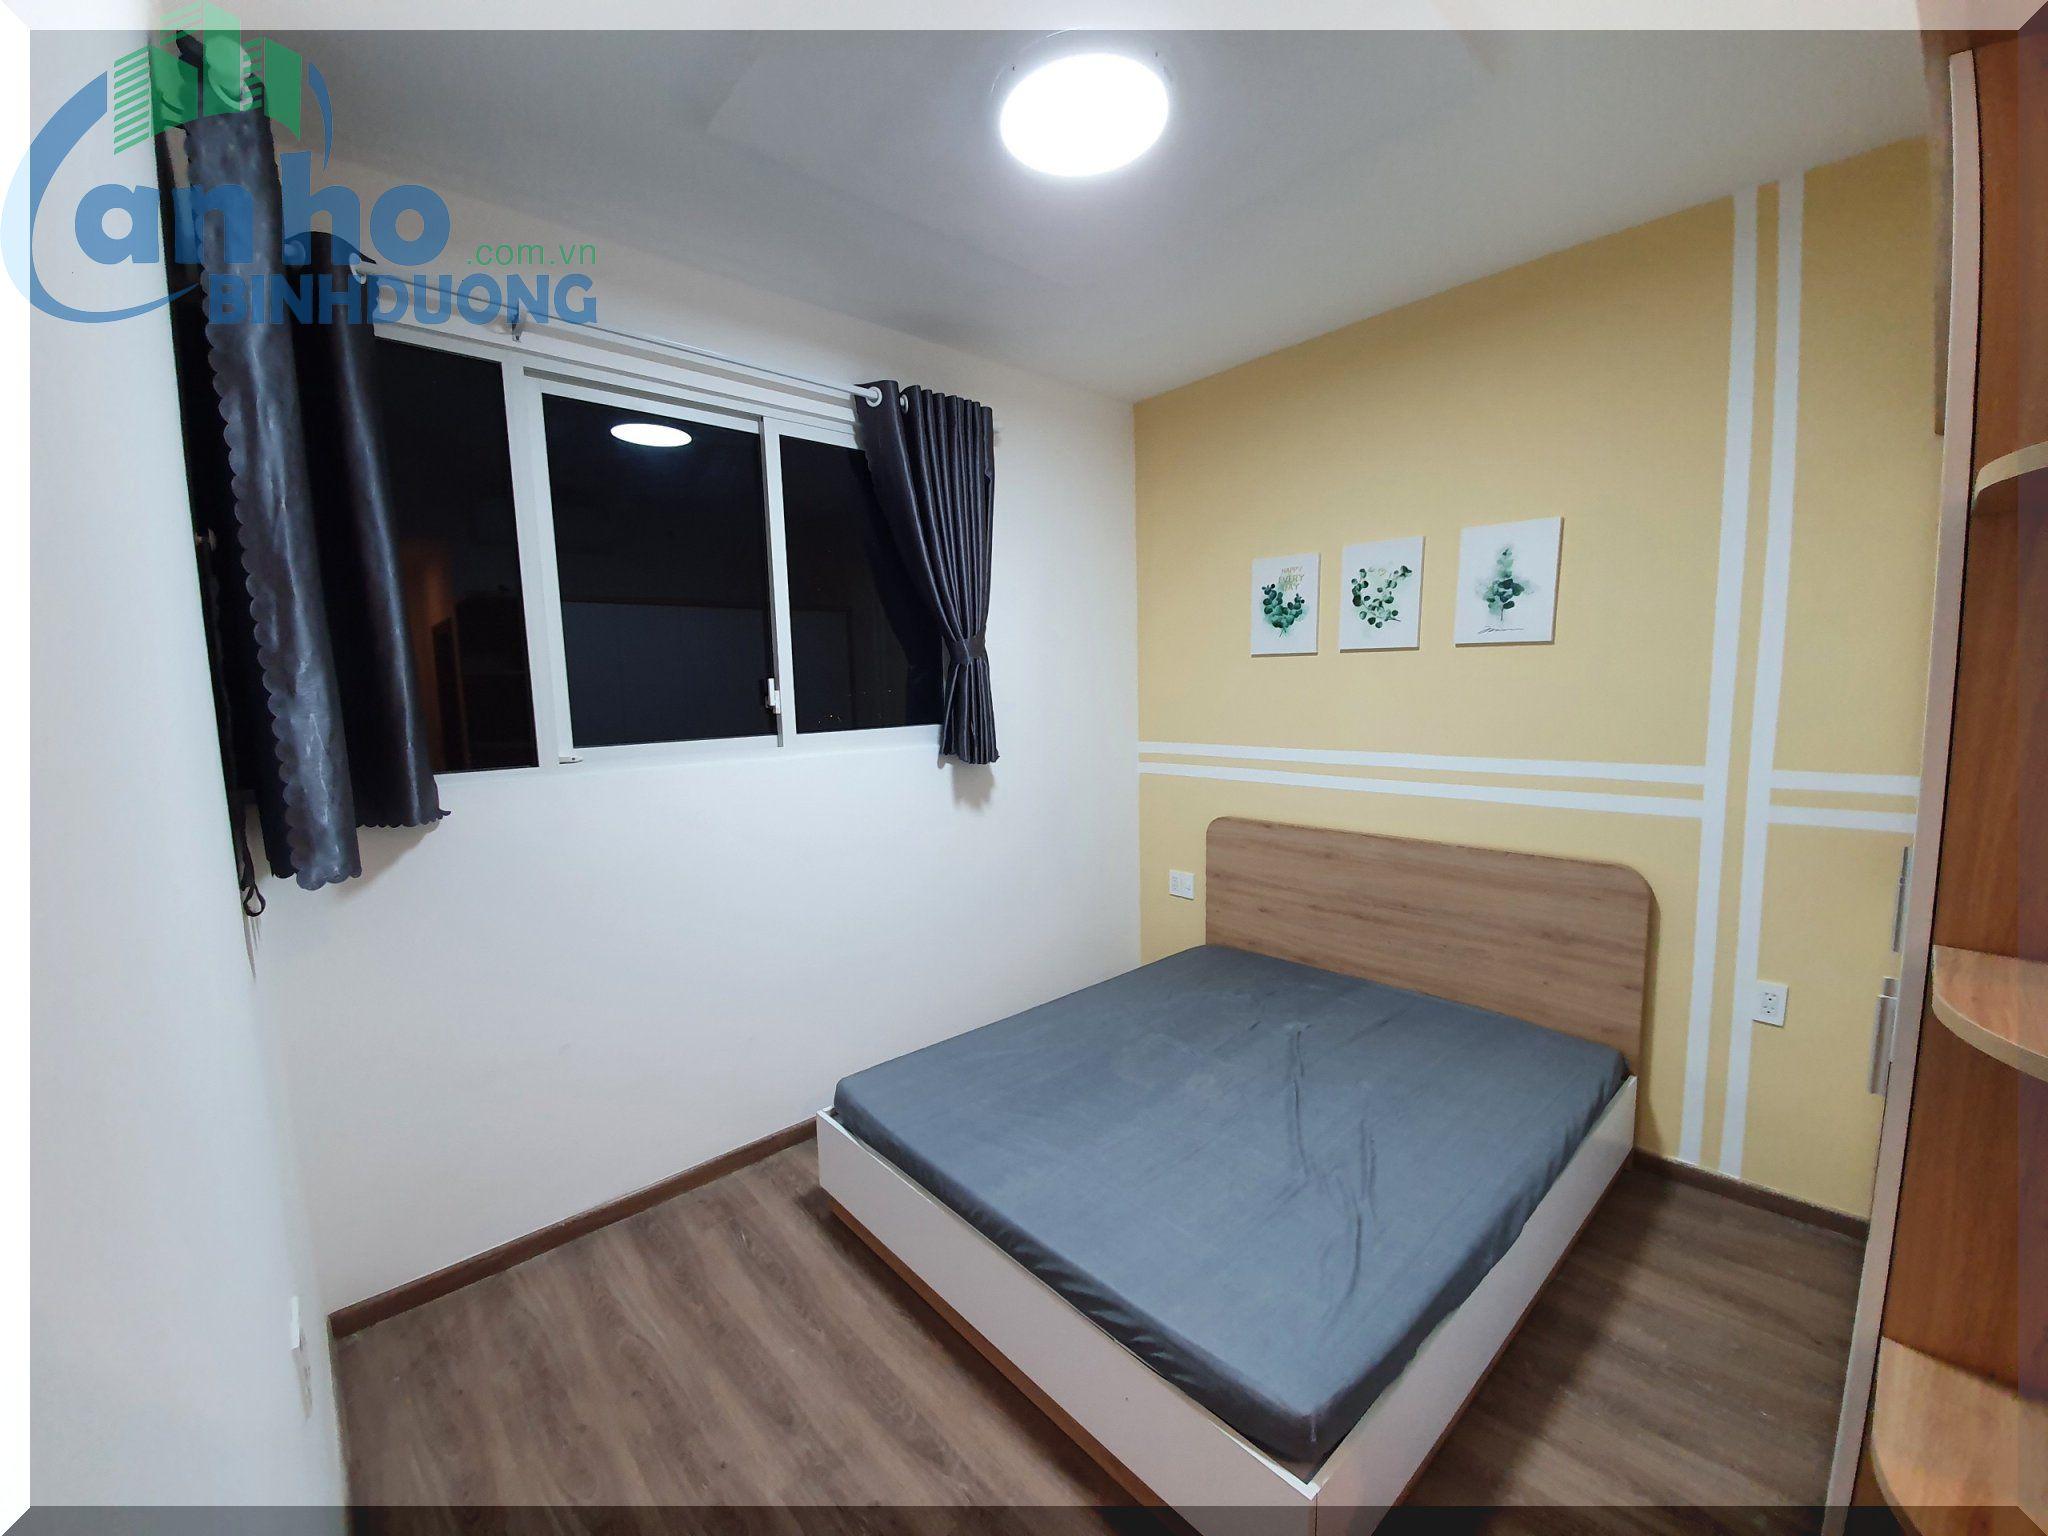 Cho Thuê Căn Hộ Chung Cư Habitat Bình Dương Giai Đoạn 2, Tầng 15 Full Nội Thất